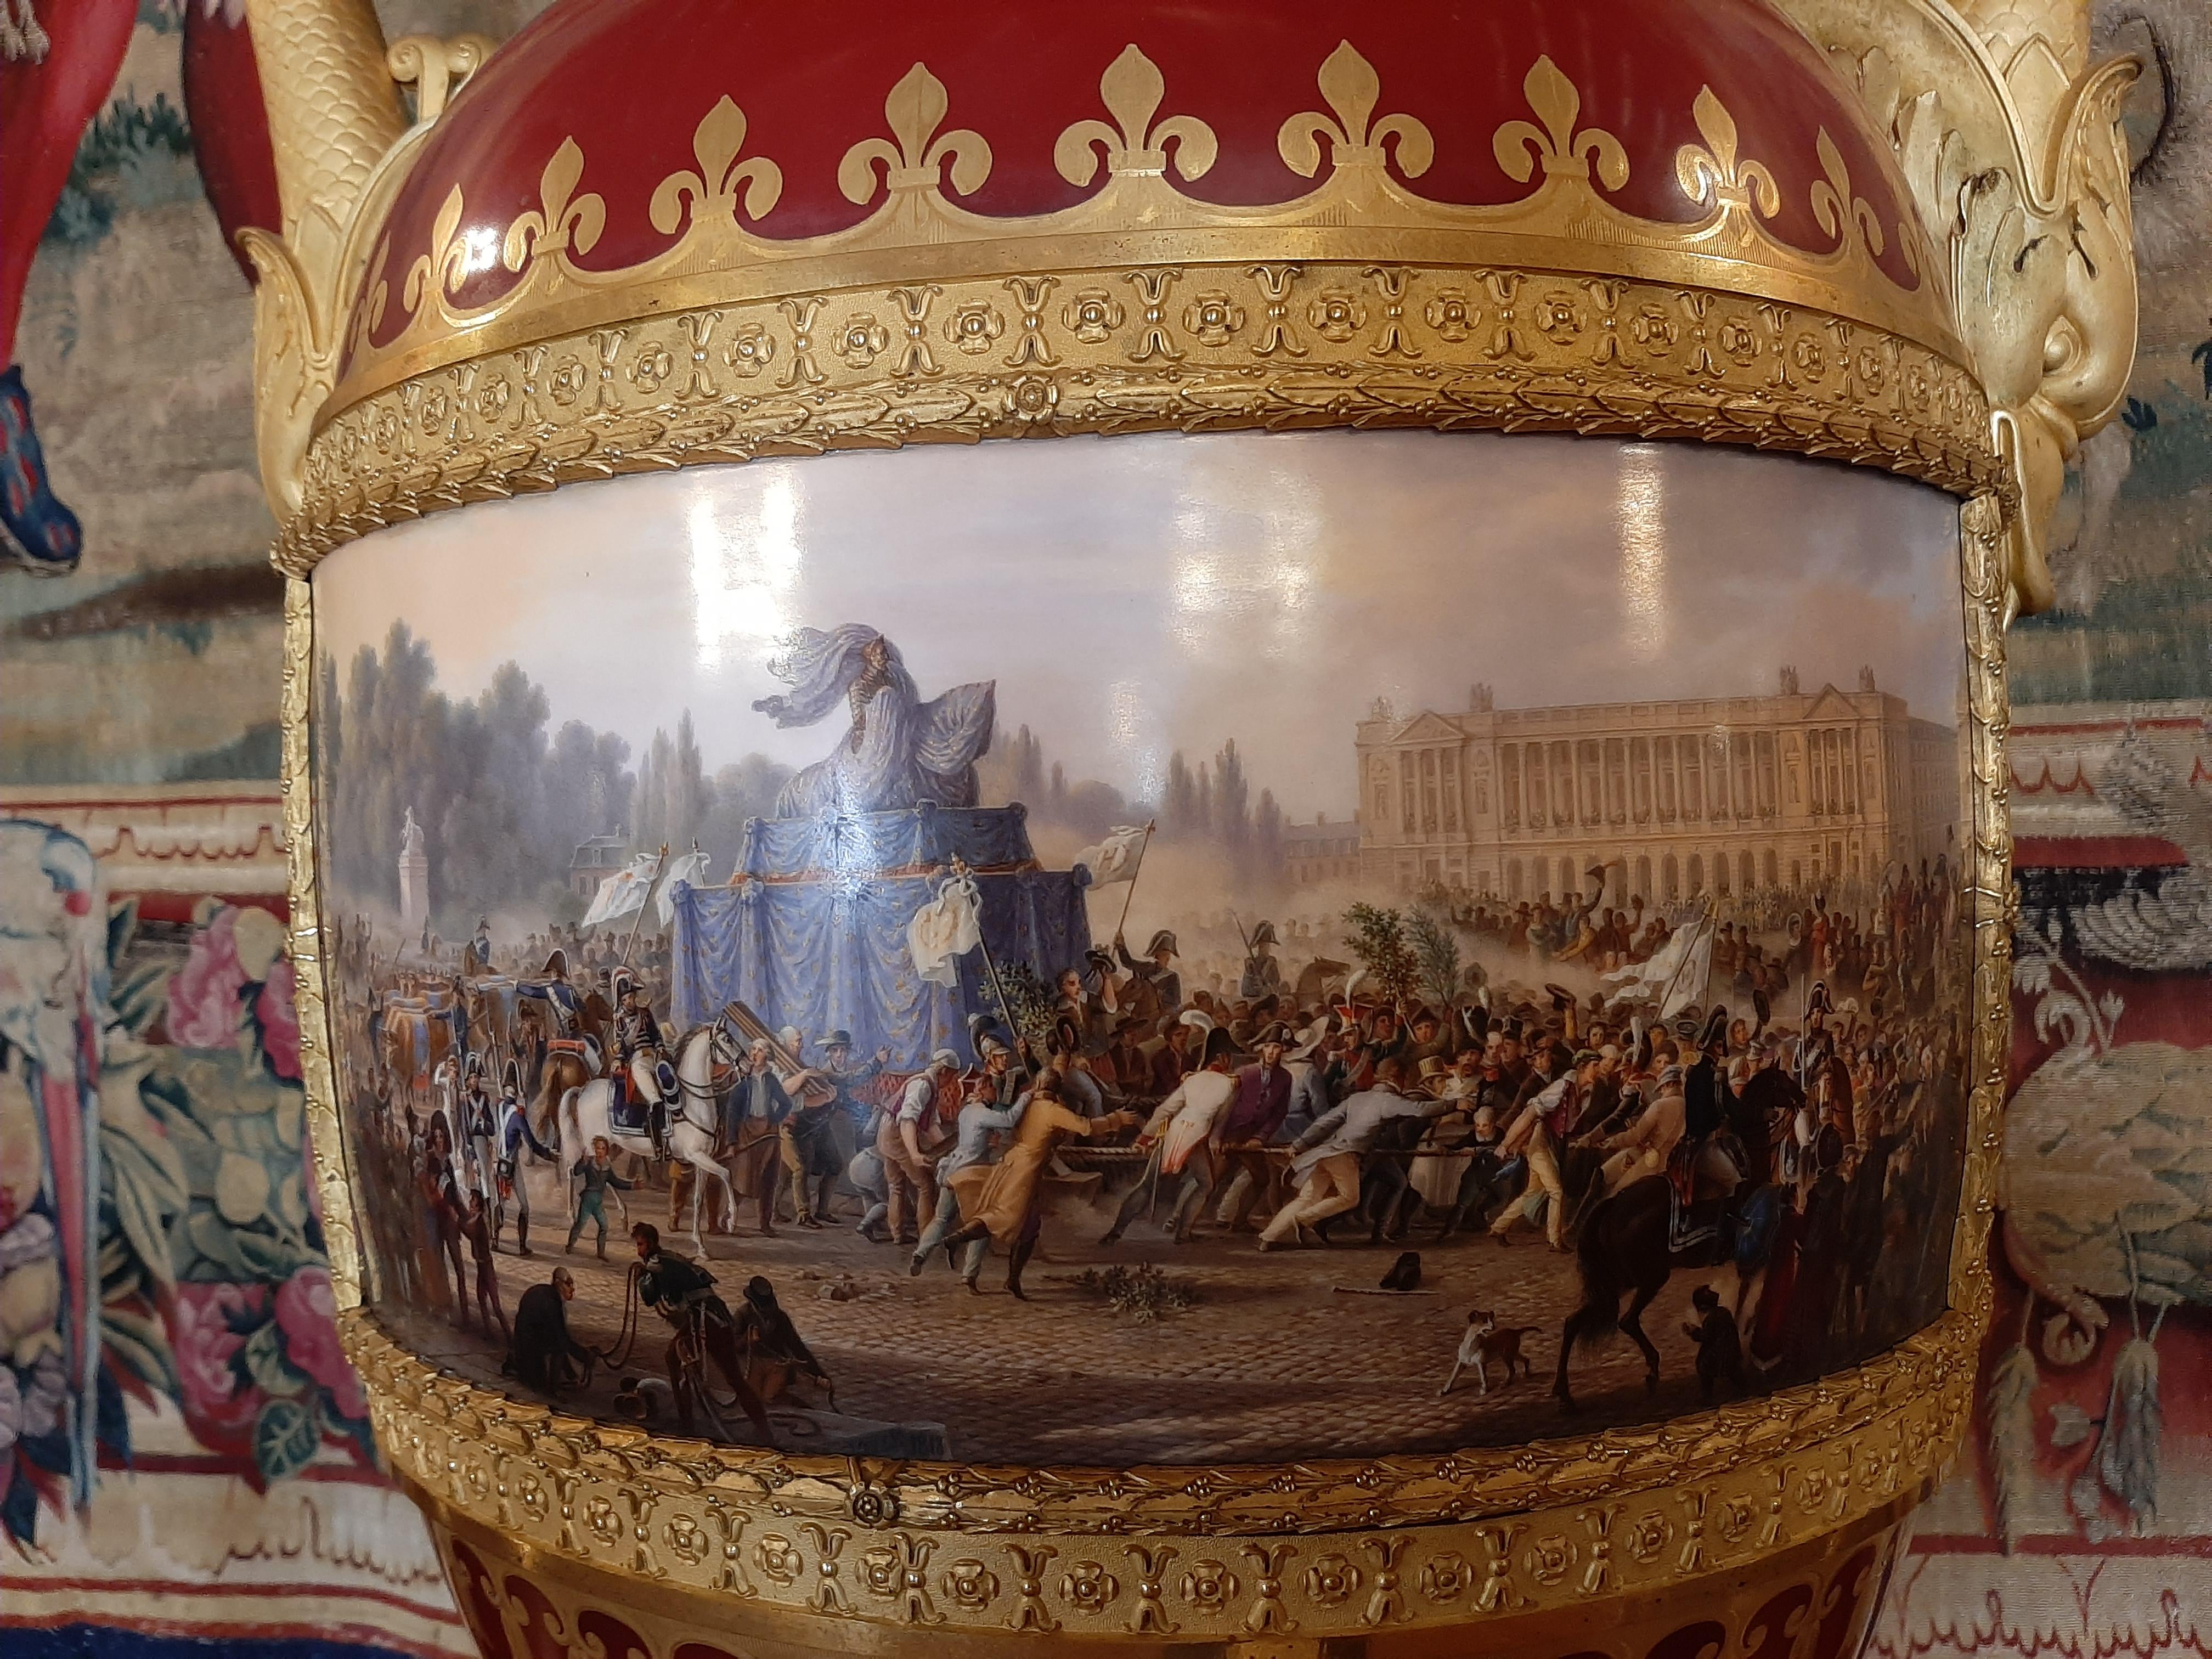 Détail grand vase de forme étrusque représentant la foule remplaçant les boeufs tirant la statue d'Henri IV pour installation sur le Pont neuf en 1818